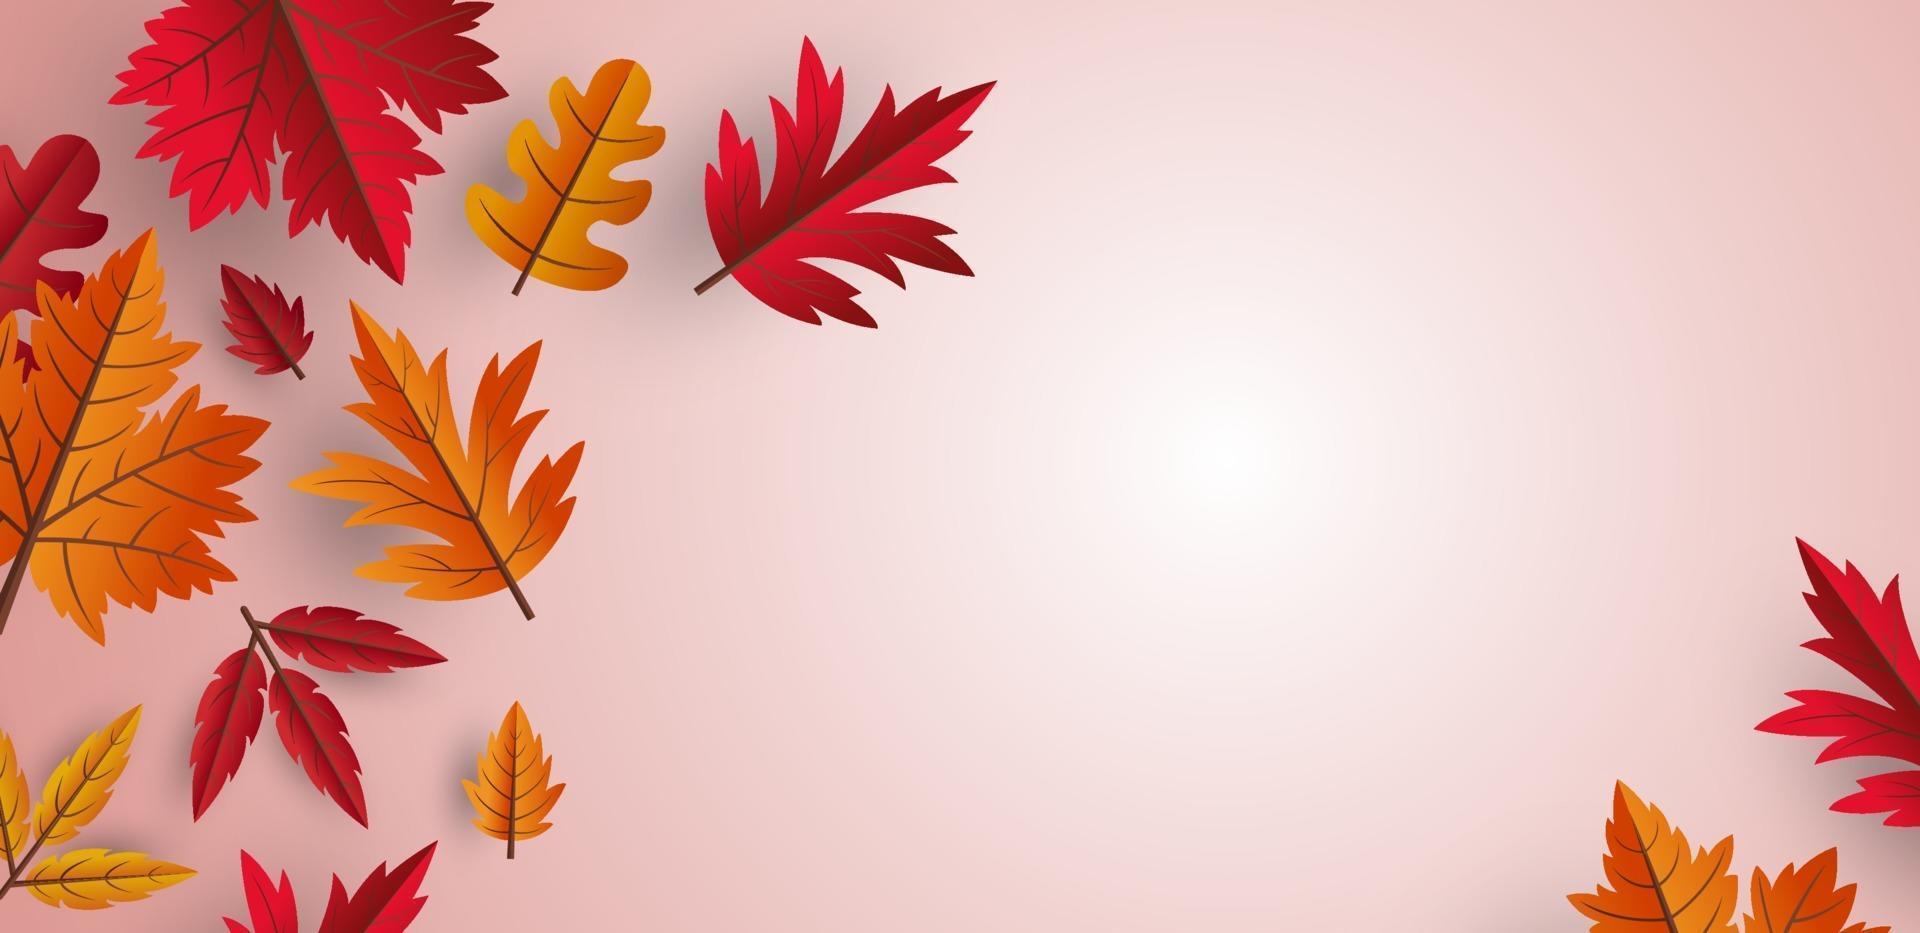 conception de fond de feuilles dautomne avec illustration vectorielle de copie espace vecteur